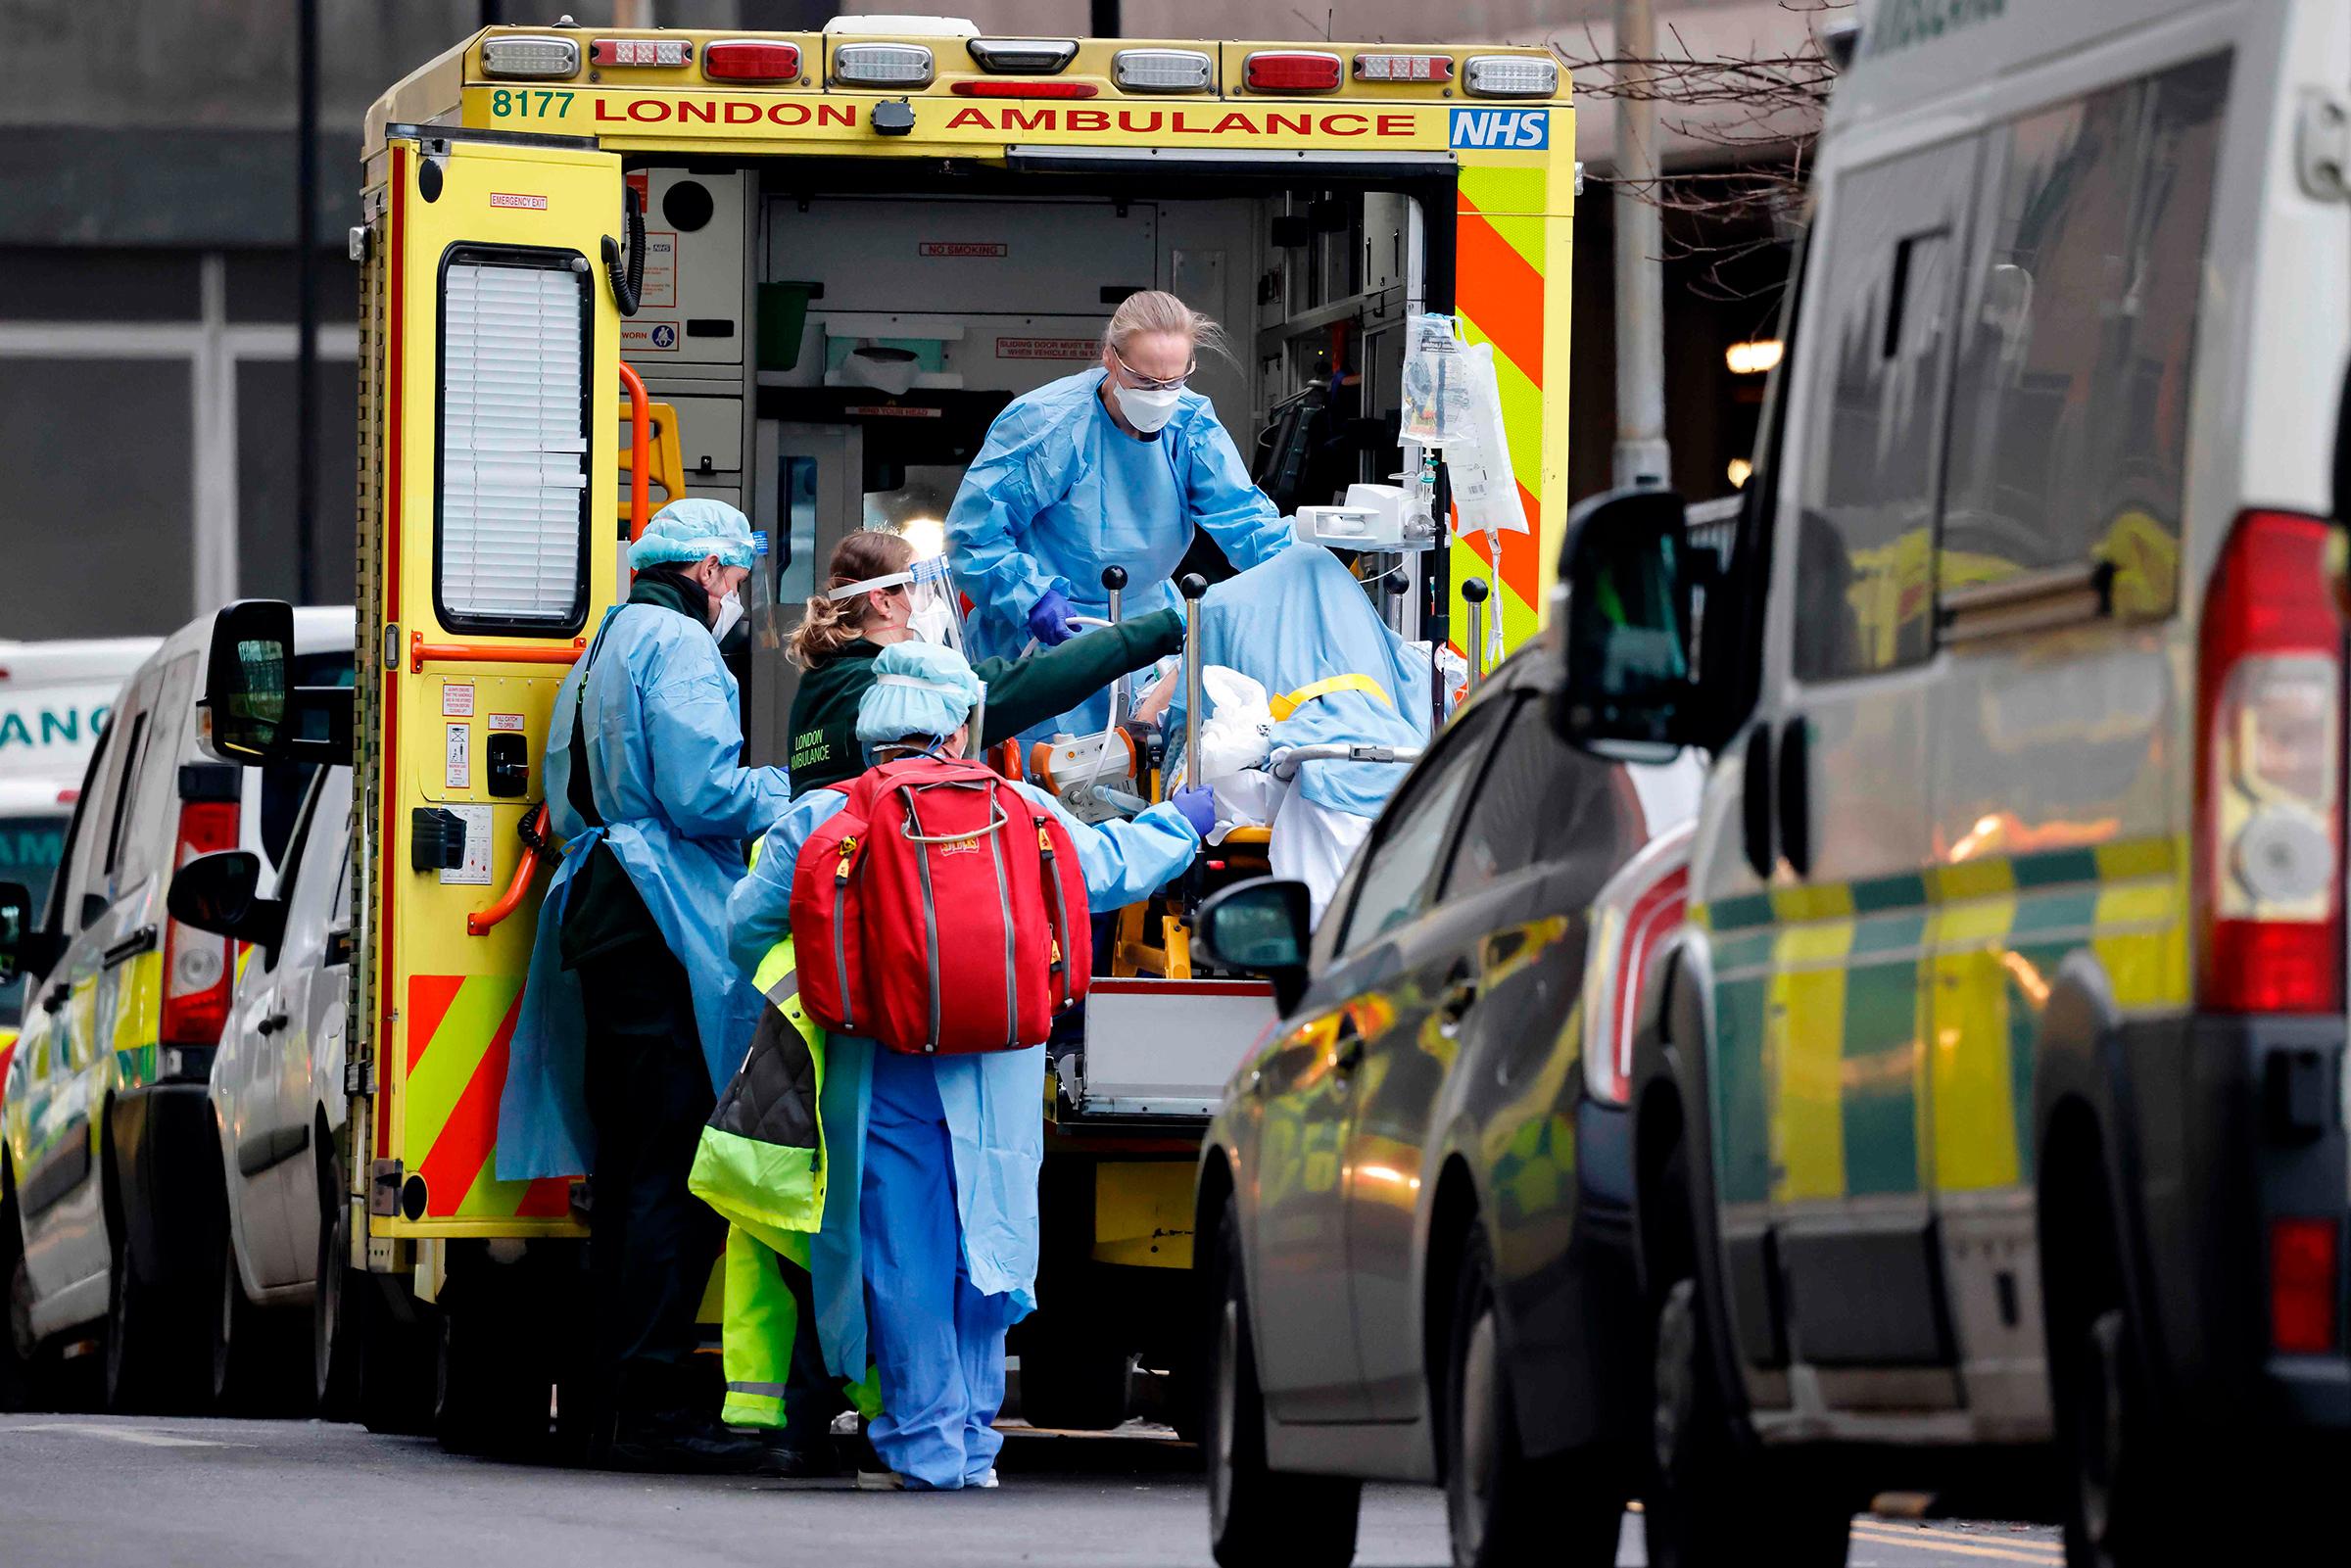 Masat e ashpra anti-Covid në Britaninë e Madhe, 78% raste më pak brenda 6 javësh